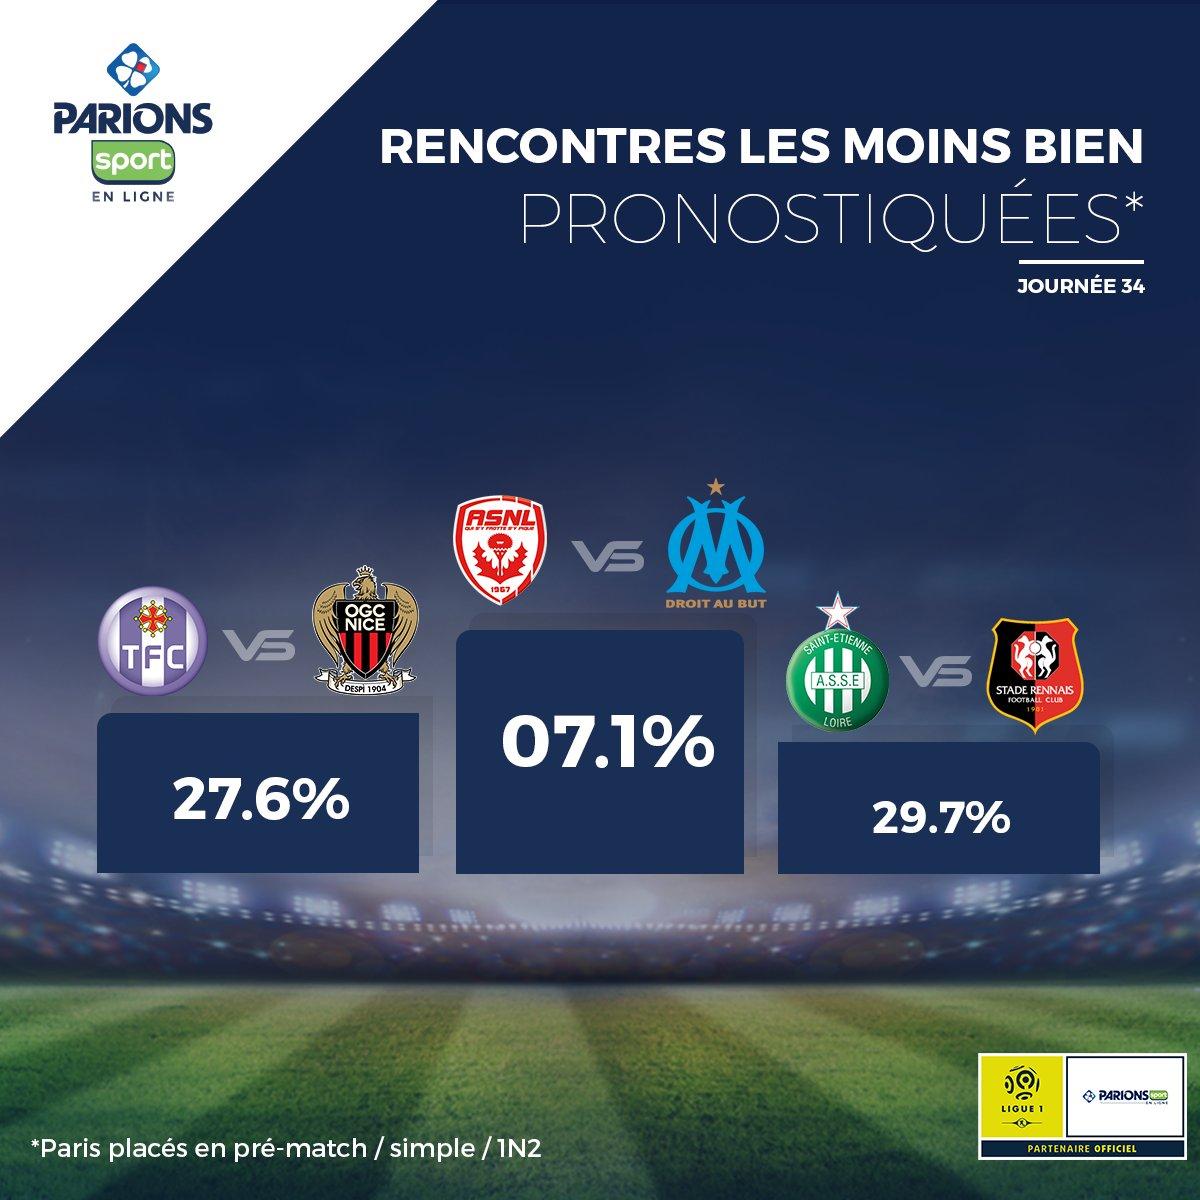 [#PronosLigue1] Voici les 3 matches qui vous ont surpris ce week-end en @Ligue1 #ASNLOM #TFCOGCN #ASSESRFC<br>http://pic.twitter.com/0N78g4tkvj